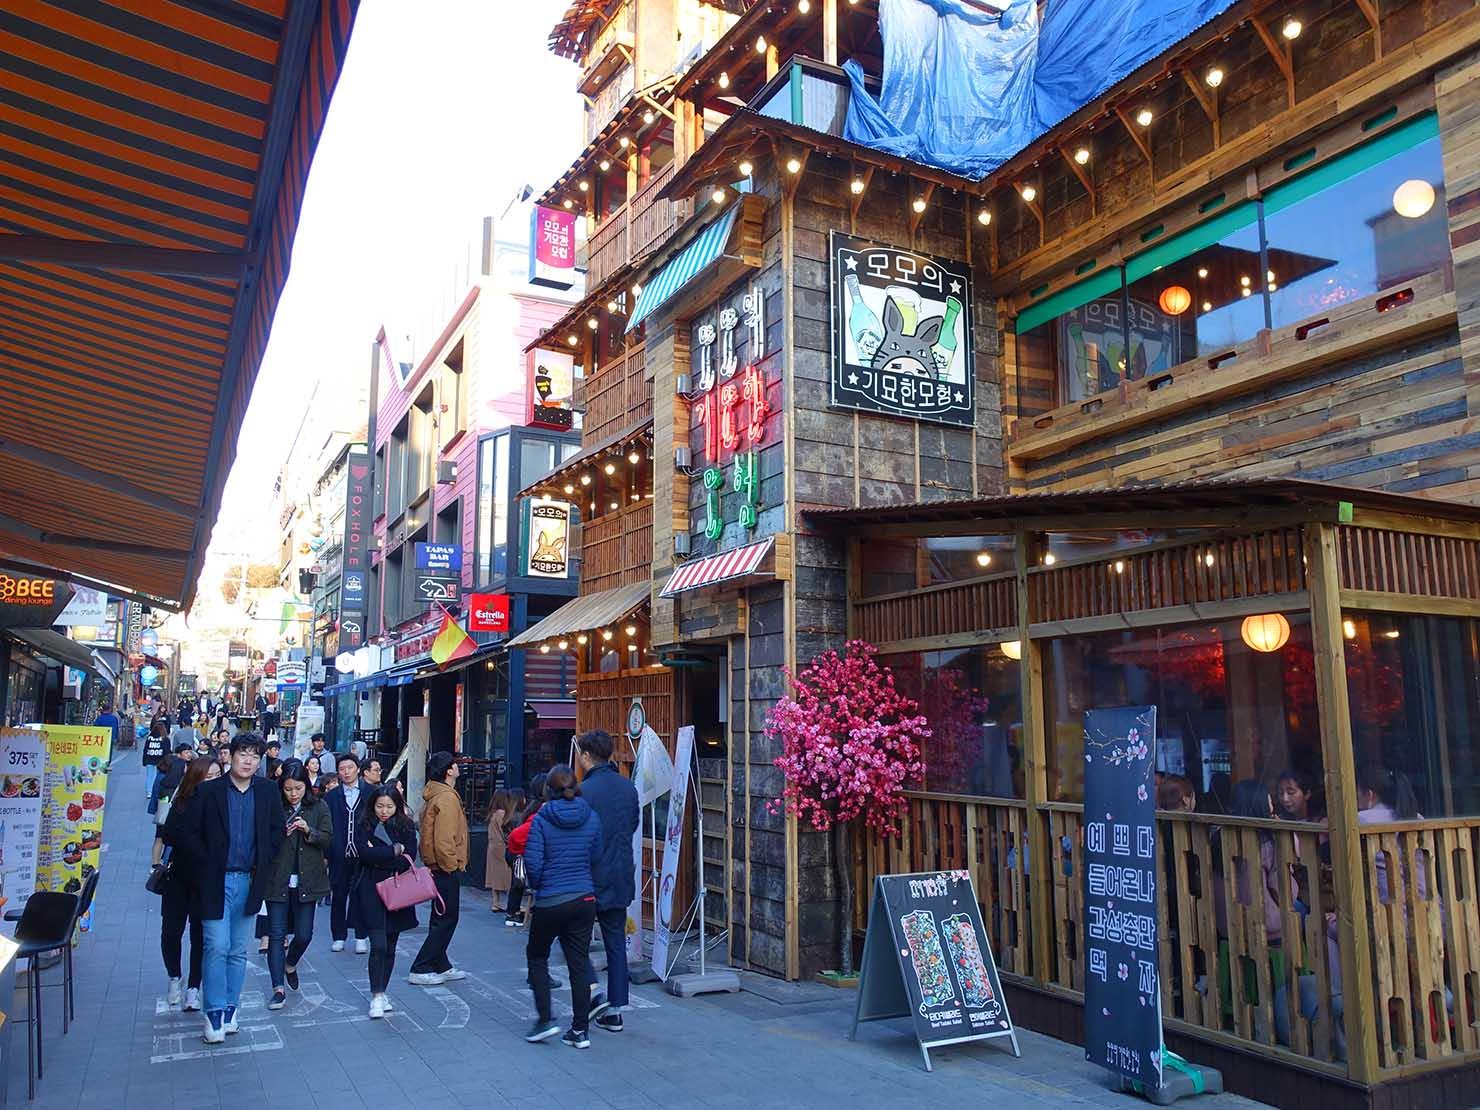 ソウルの有名スポット・梨泰院(이태원/イテウォン)の街並み